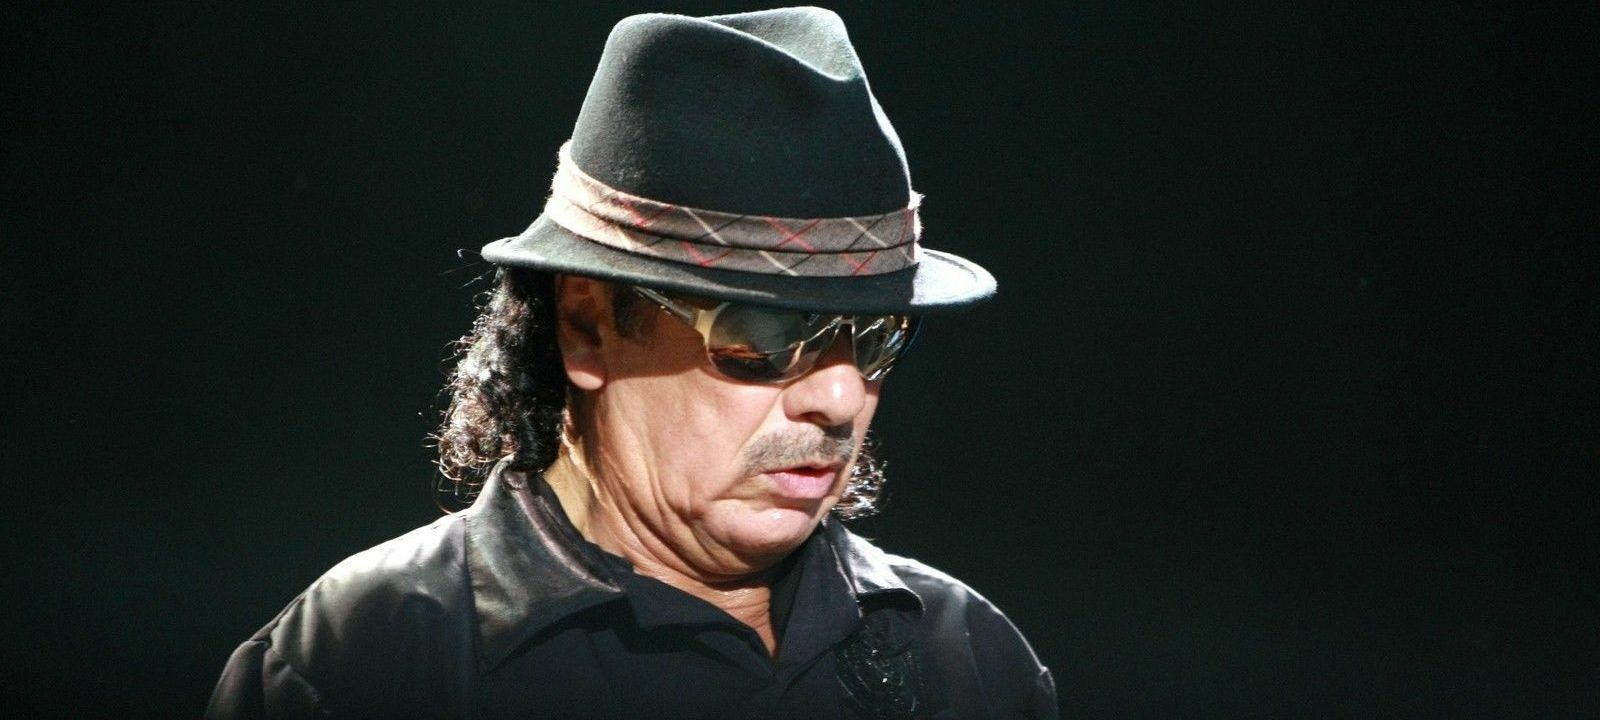 Carlos Santana (カルロス・サンタナ)